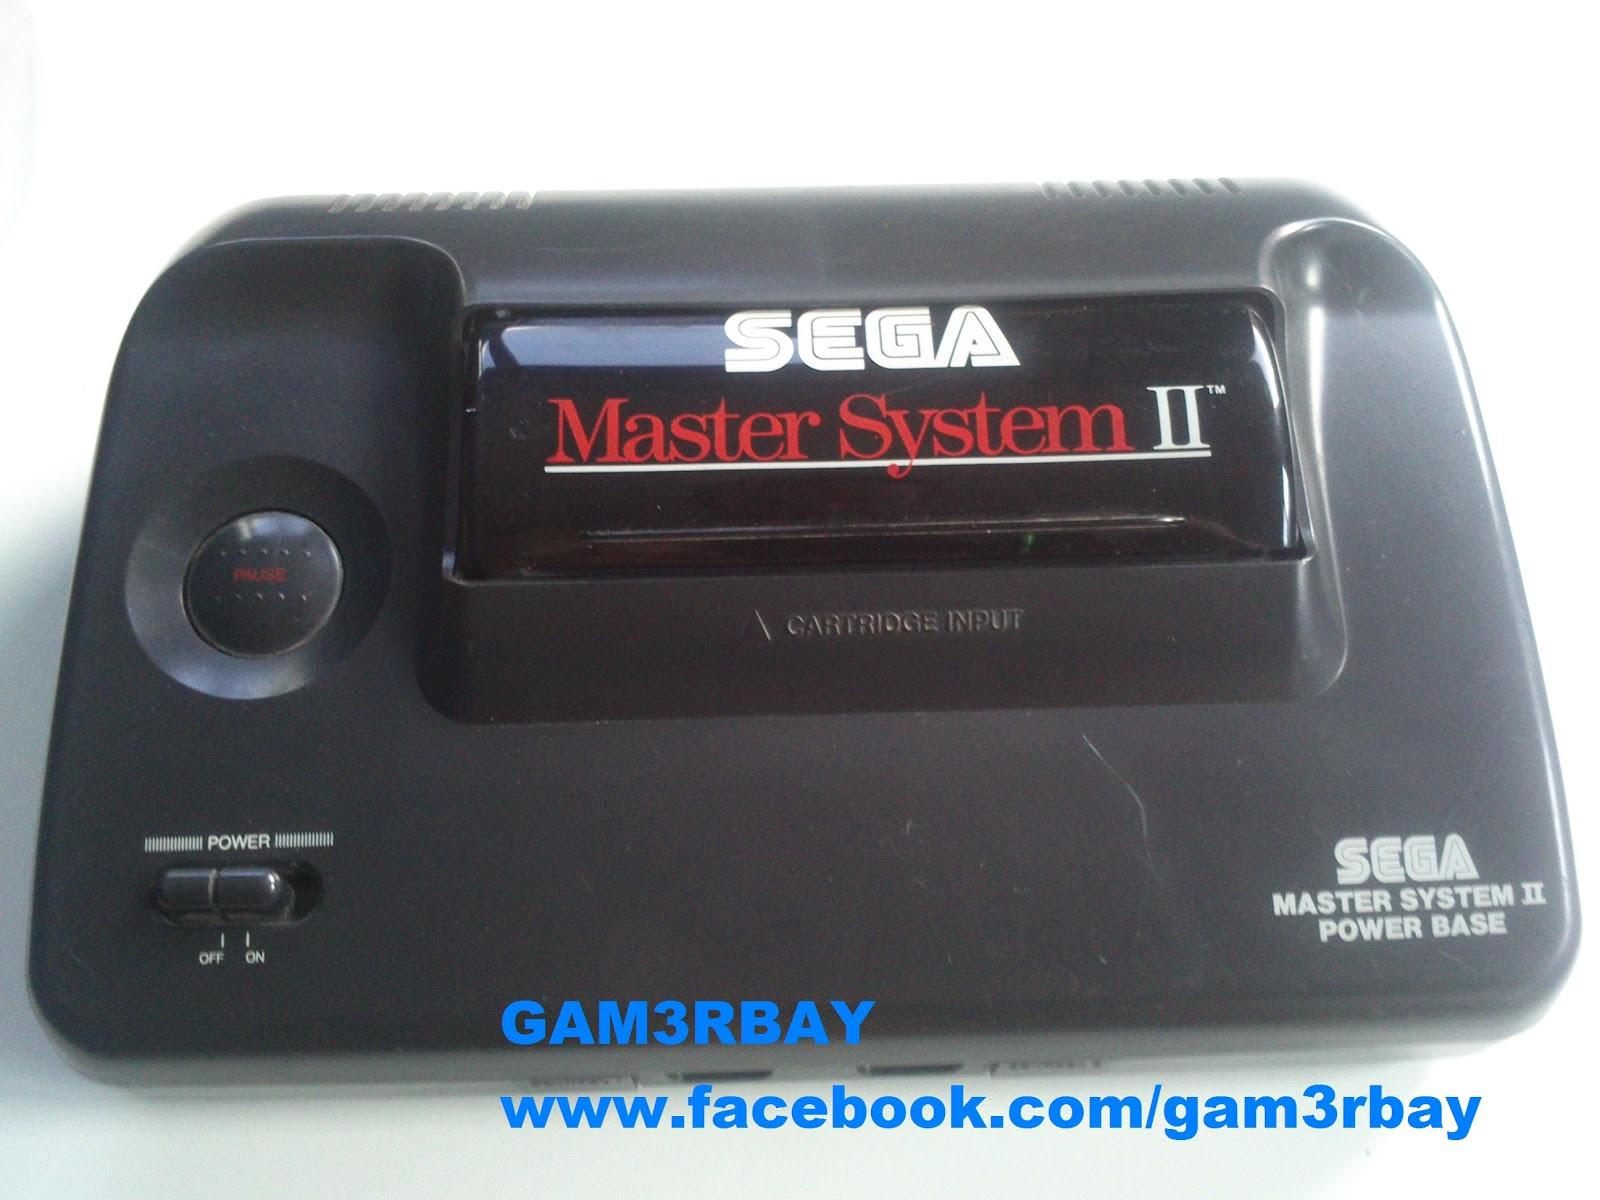 Gam3rbay Videogame Culture Online Store 24h Sega Master System